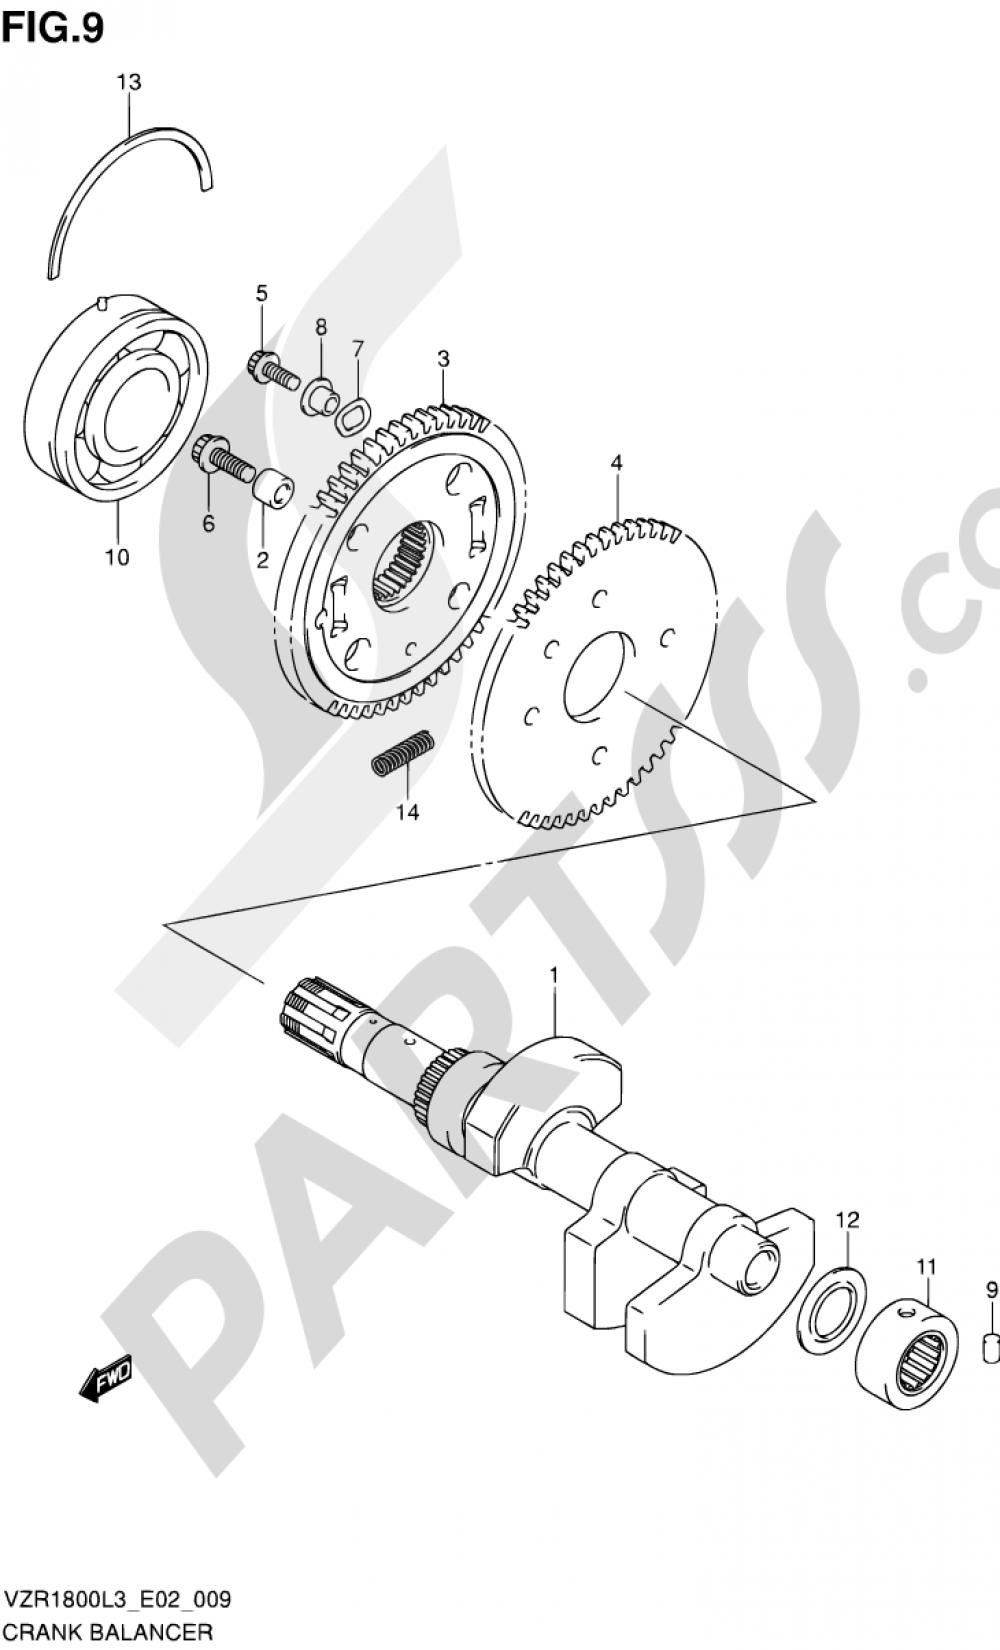 9 - CRANK BALANCER Suzuki VZR1800Z 2013